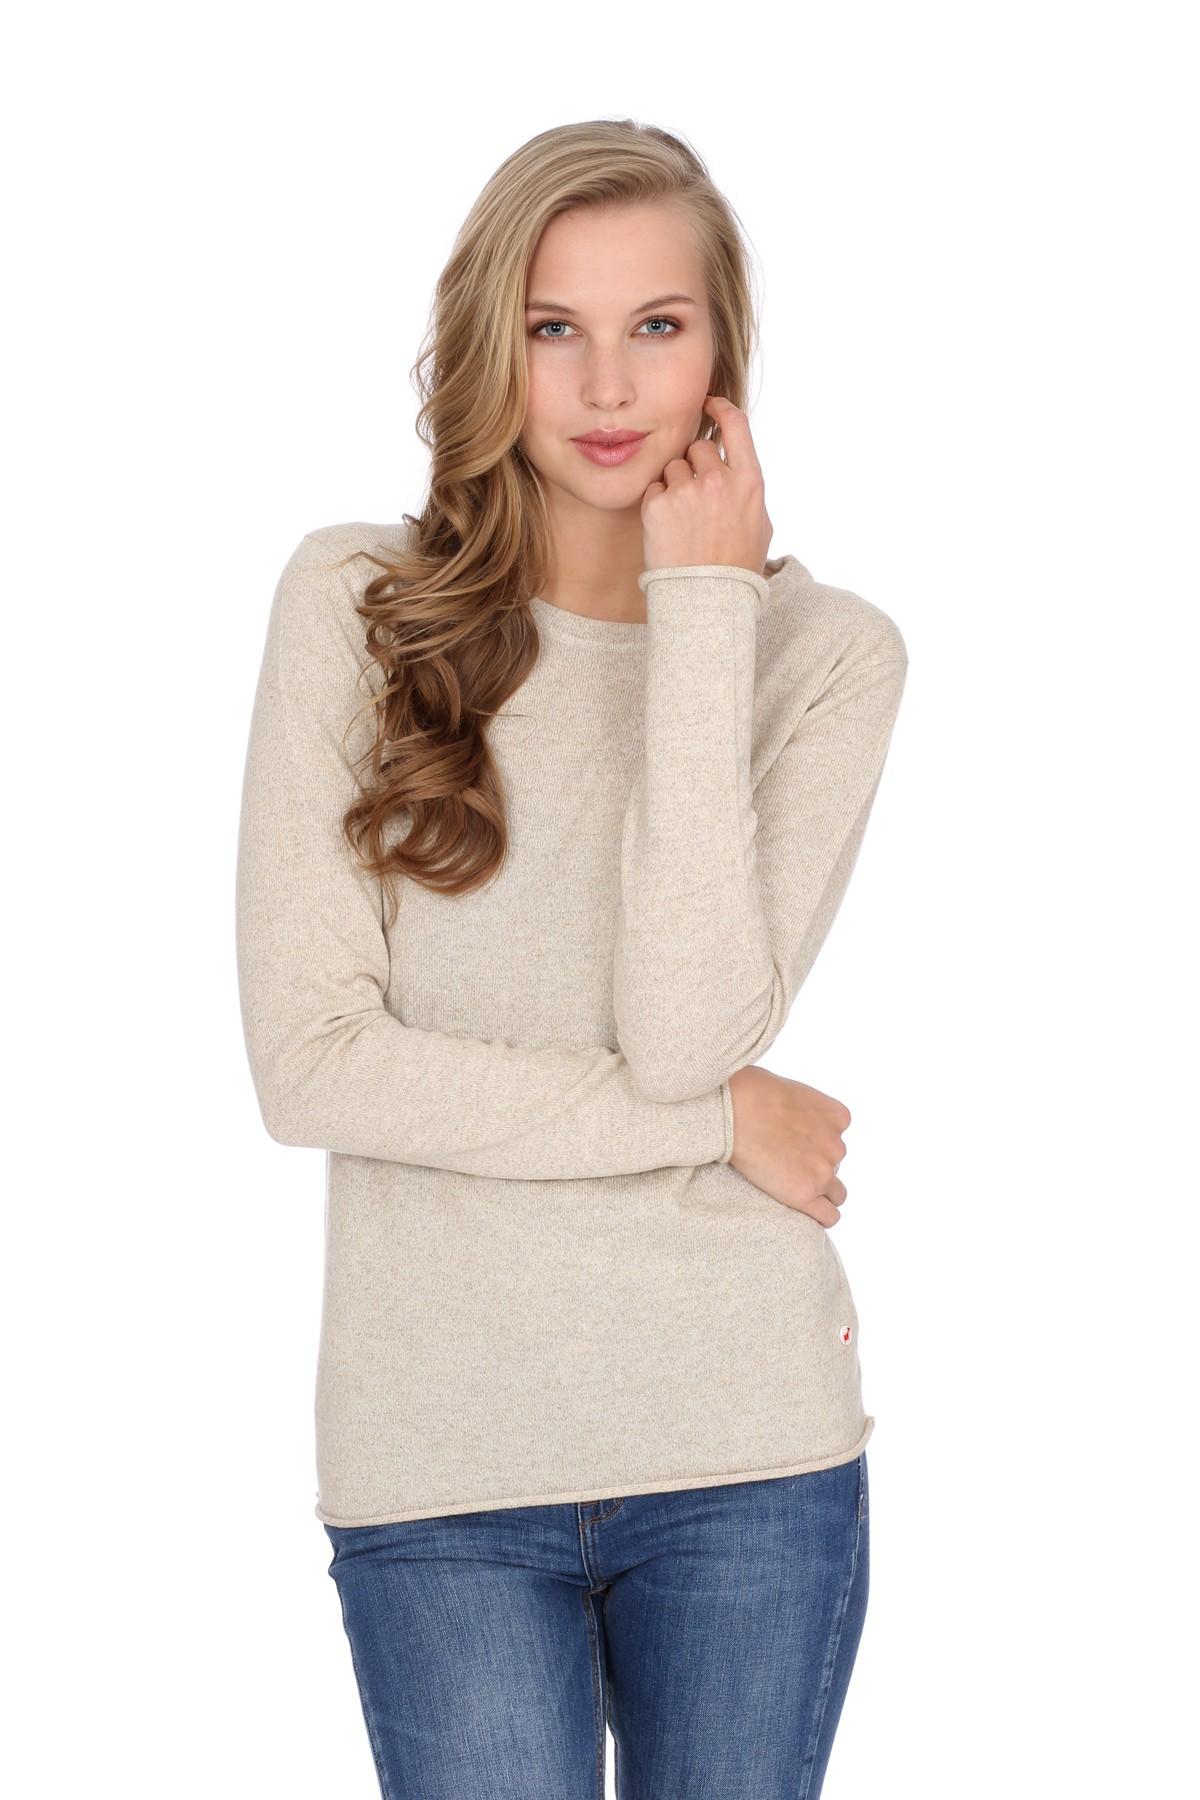 Women's long sleeve cashmere top linen